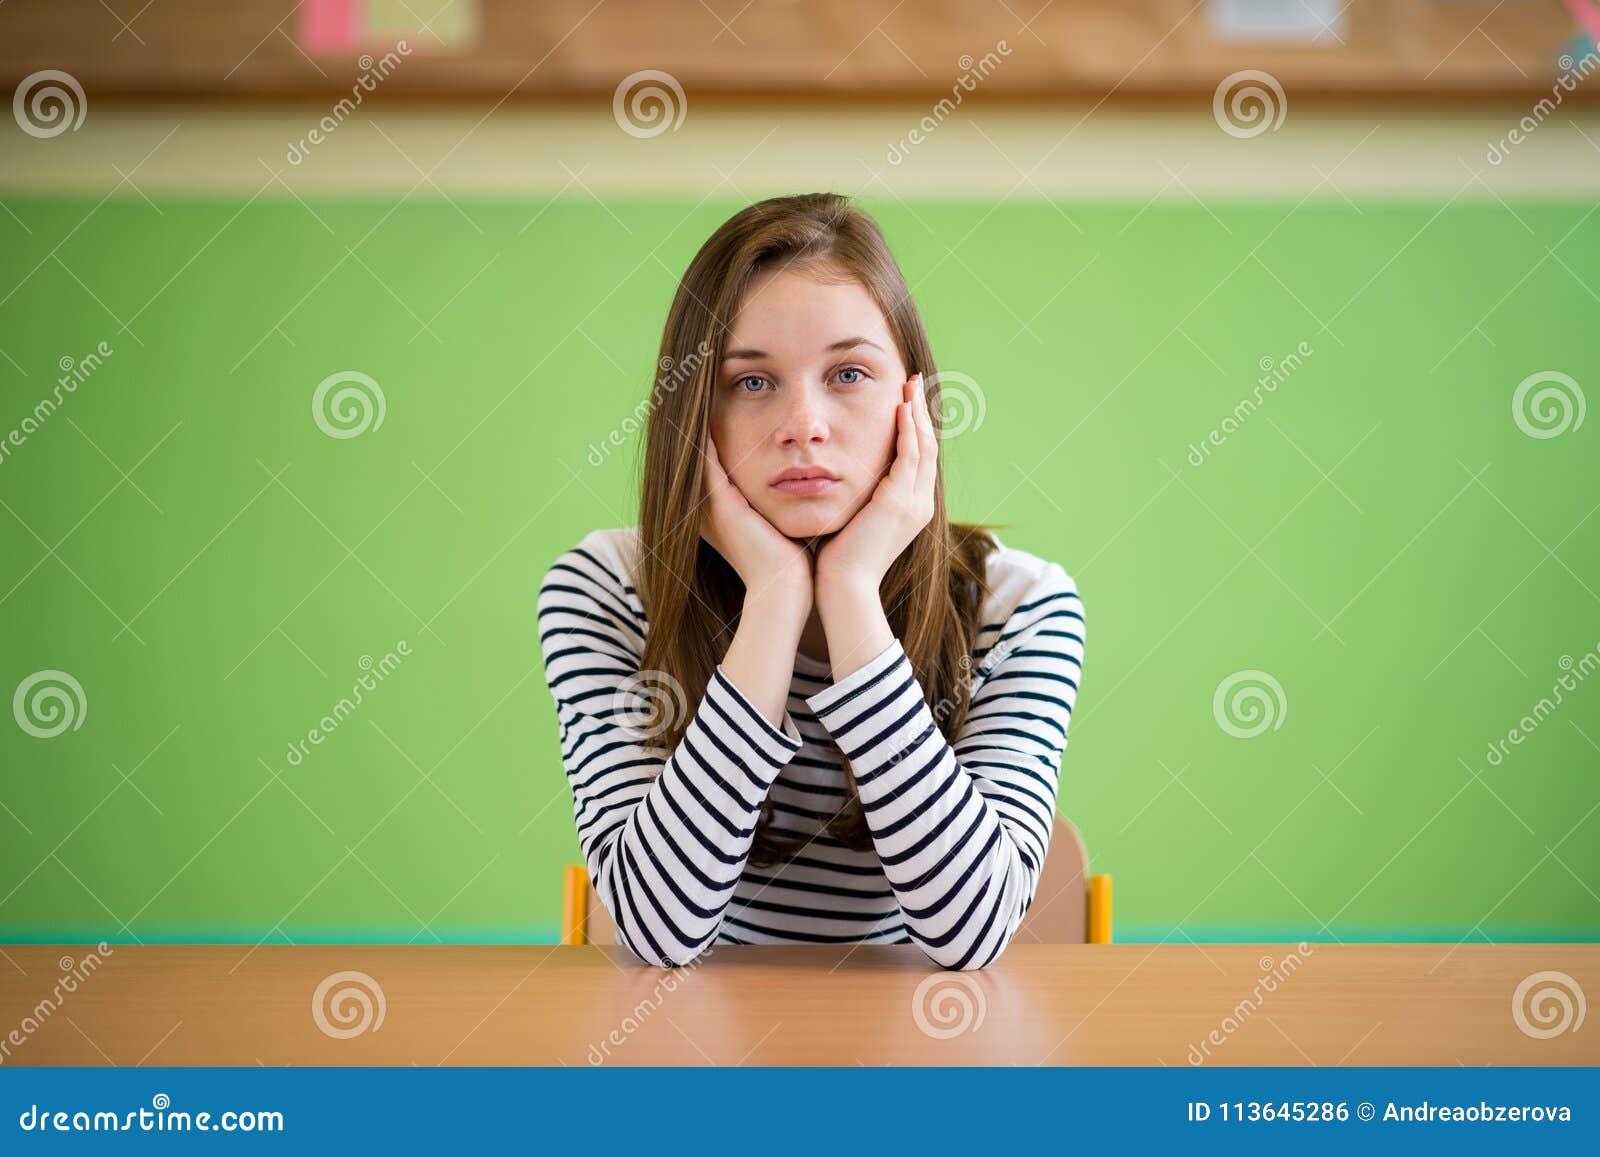 Estudante triste que senta-se na sala de aula com sua cabeça nas mãos Educação, High School, tiranizando, pressão, depressão